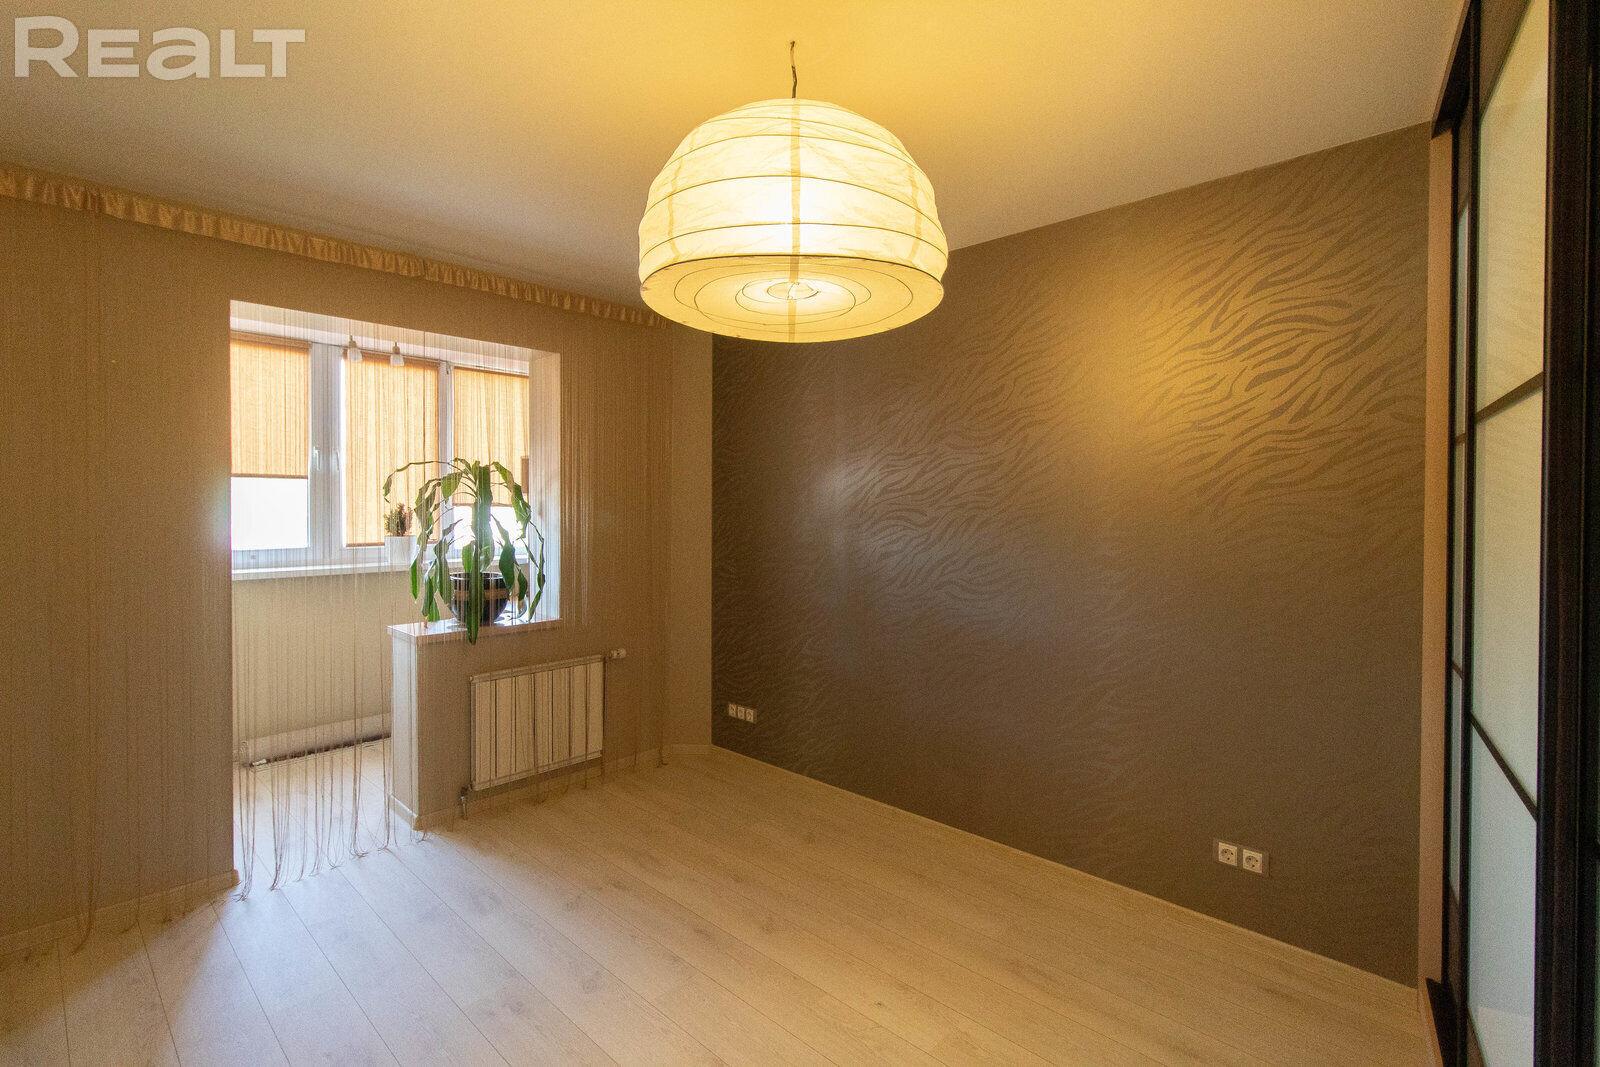 Продается 3-х комнатная квартира, Боровляны - фото №6